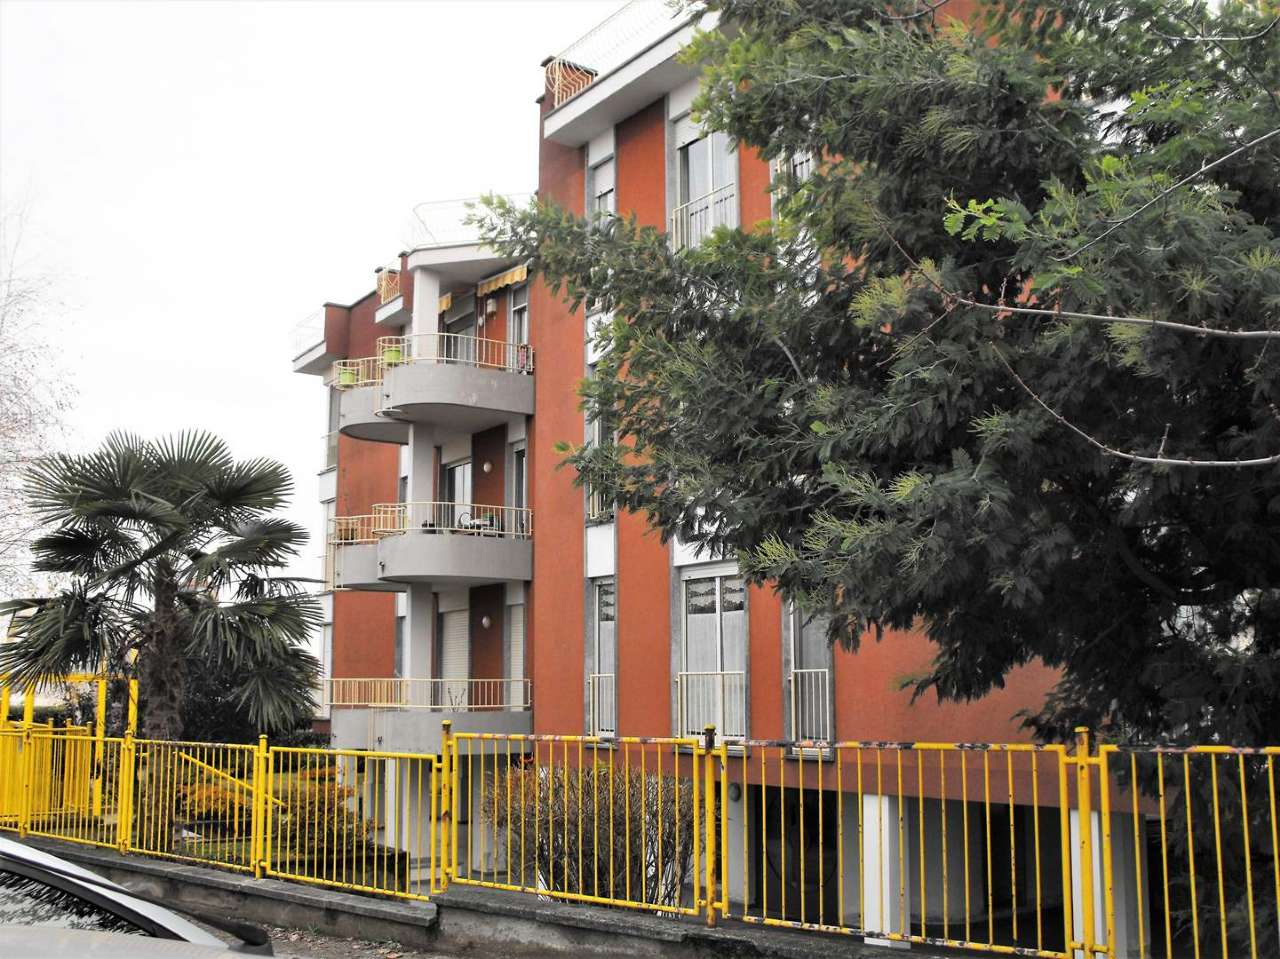 Appartamento in vendita a Fiano, 4 locali, prezzo € 169.000   PortaleAgenzieImmobiliari.it